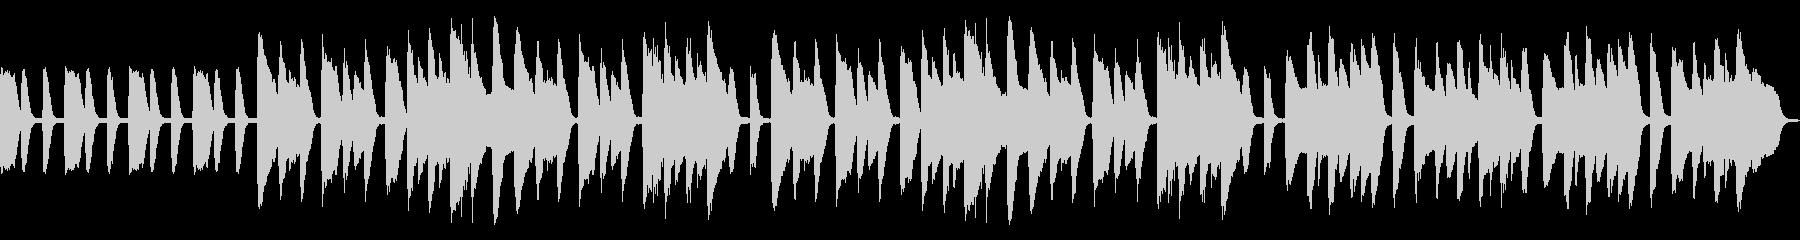 ピタゴラスイッチ風かわいいピアノBGMの未再生の波形